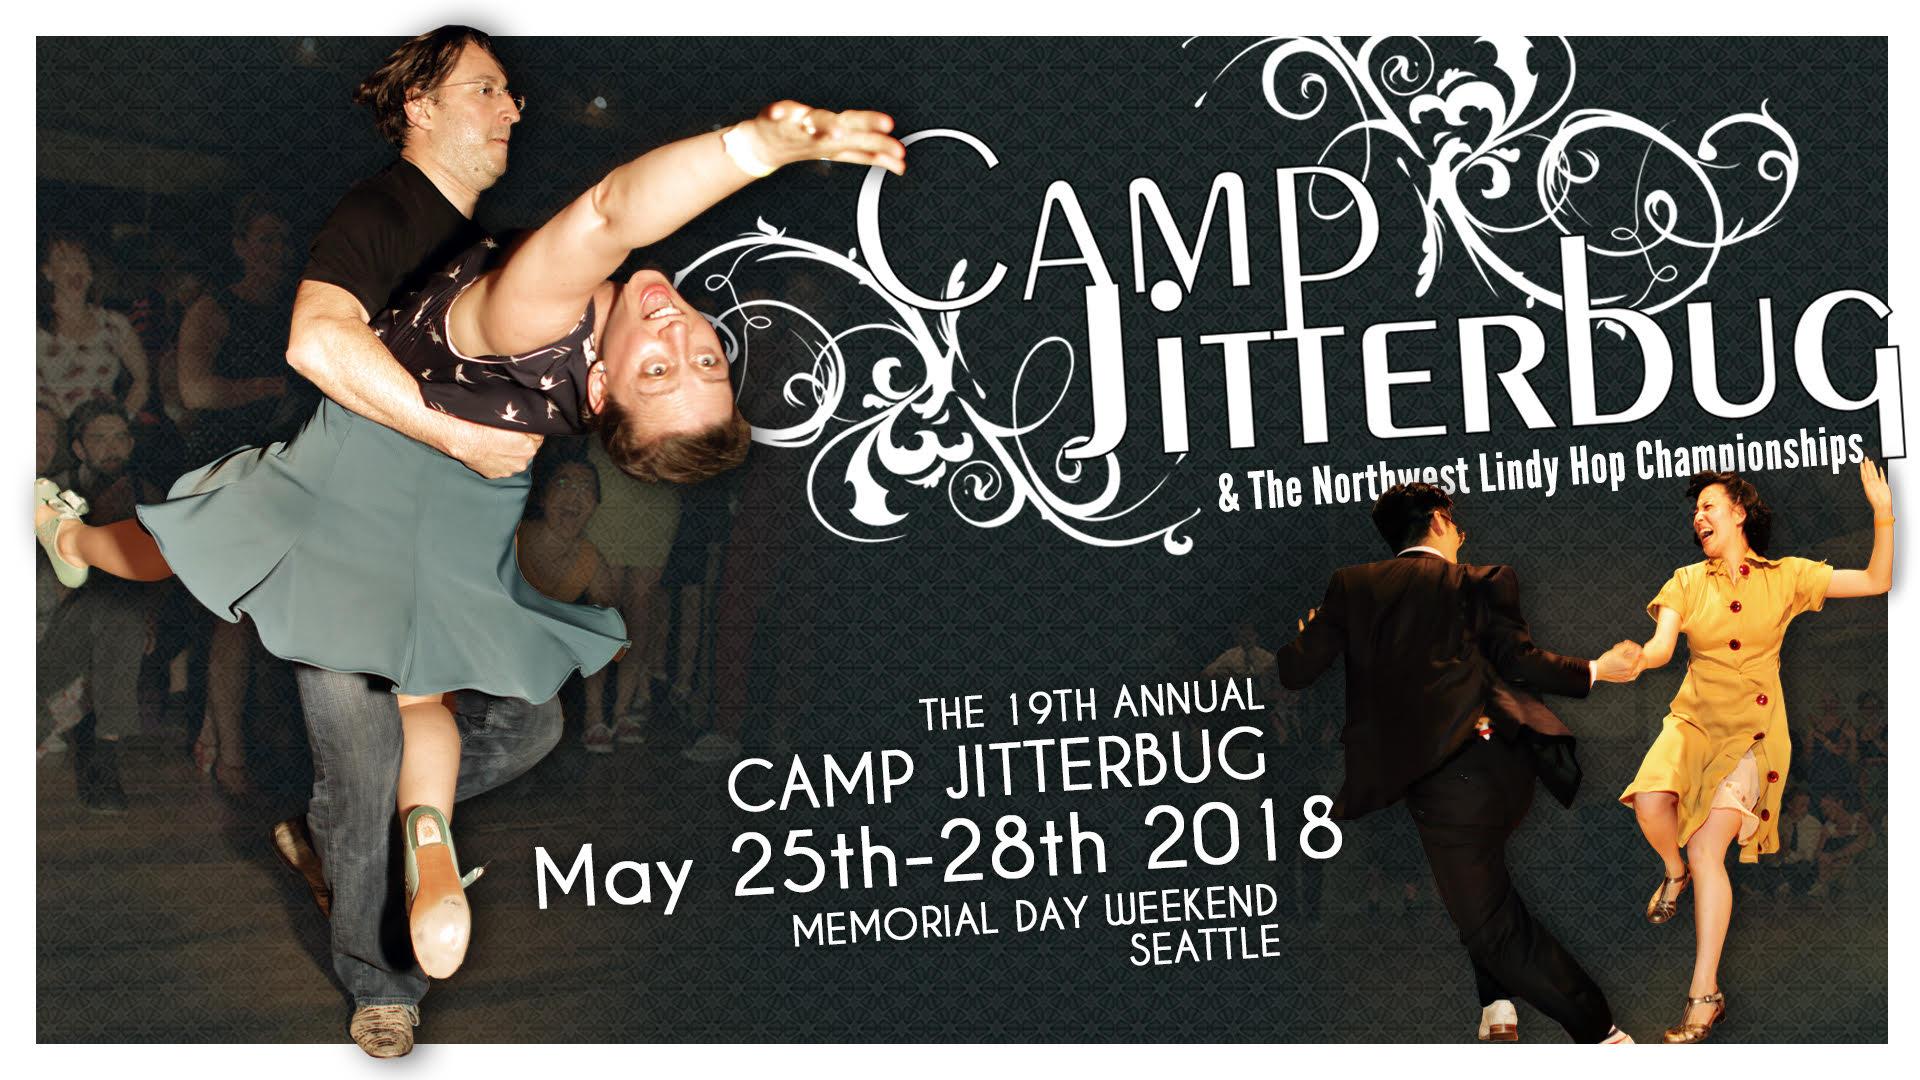 Camp Jitterbug 2018